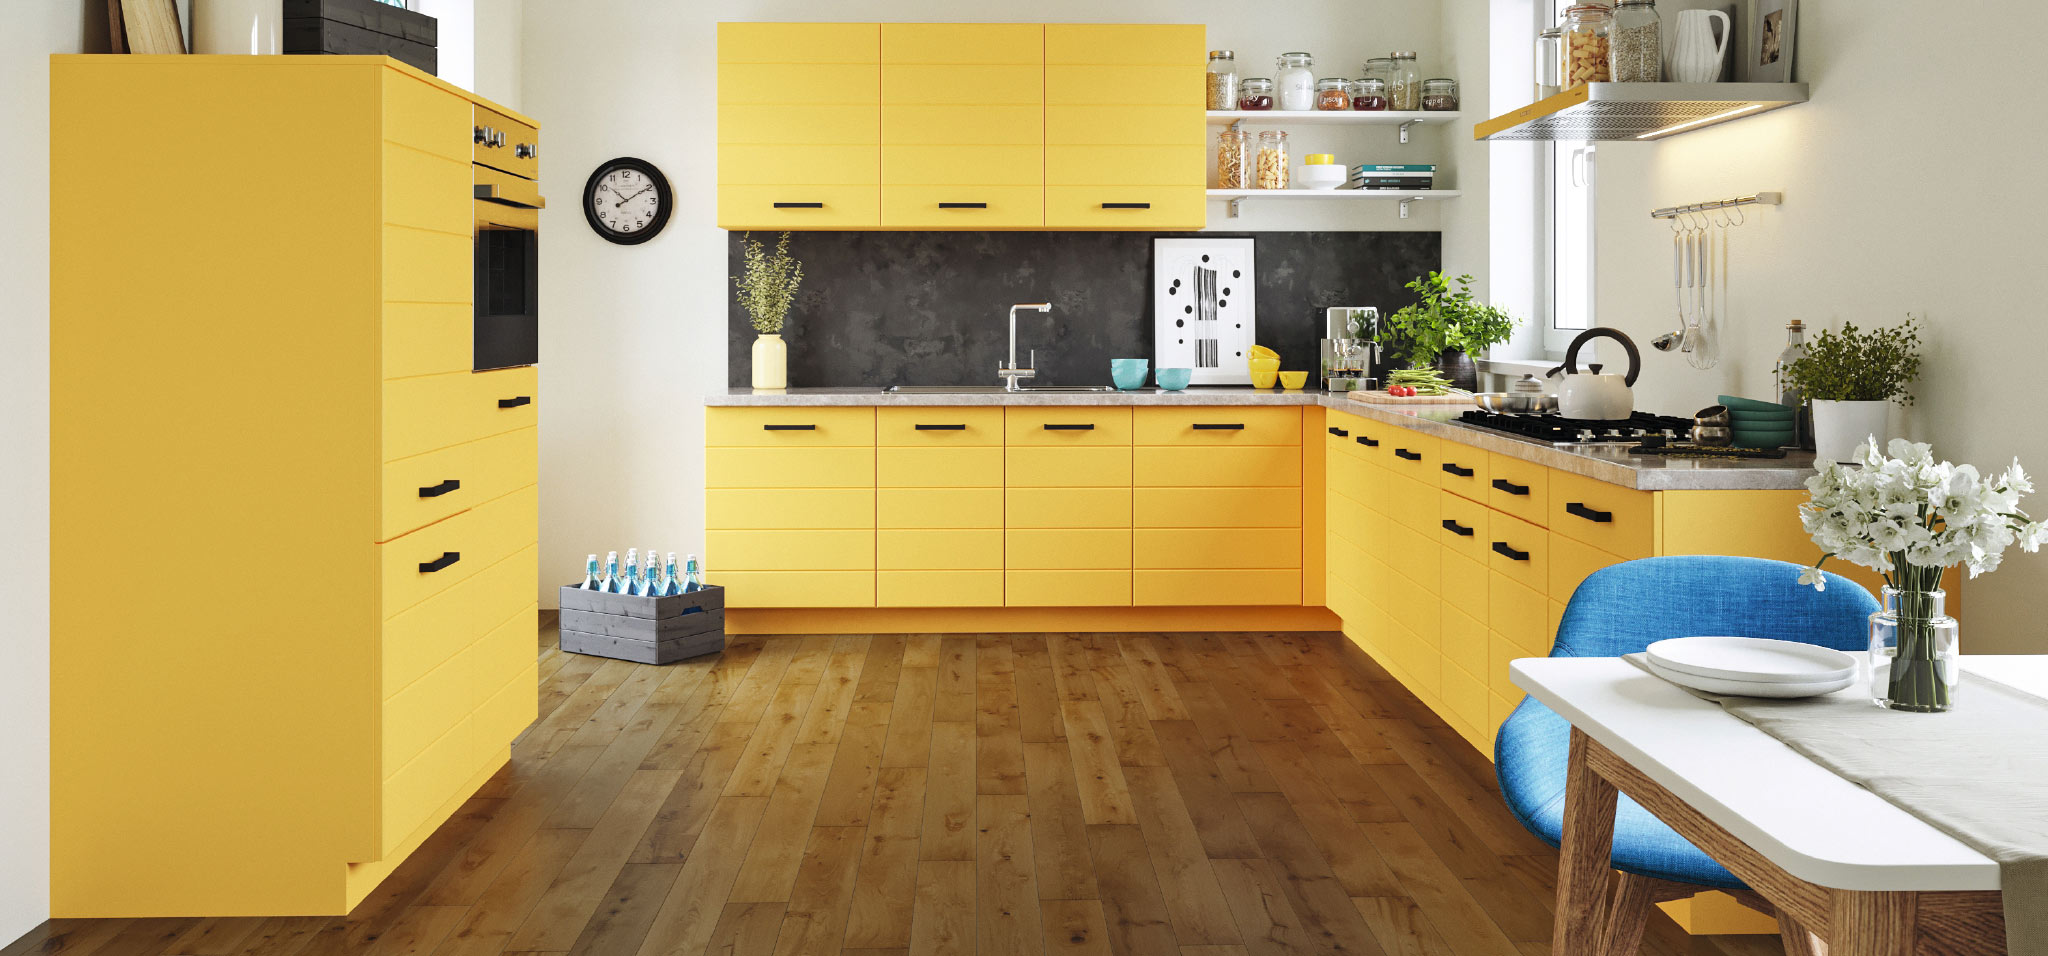 küchenfronten-erneuern-gelbeküche